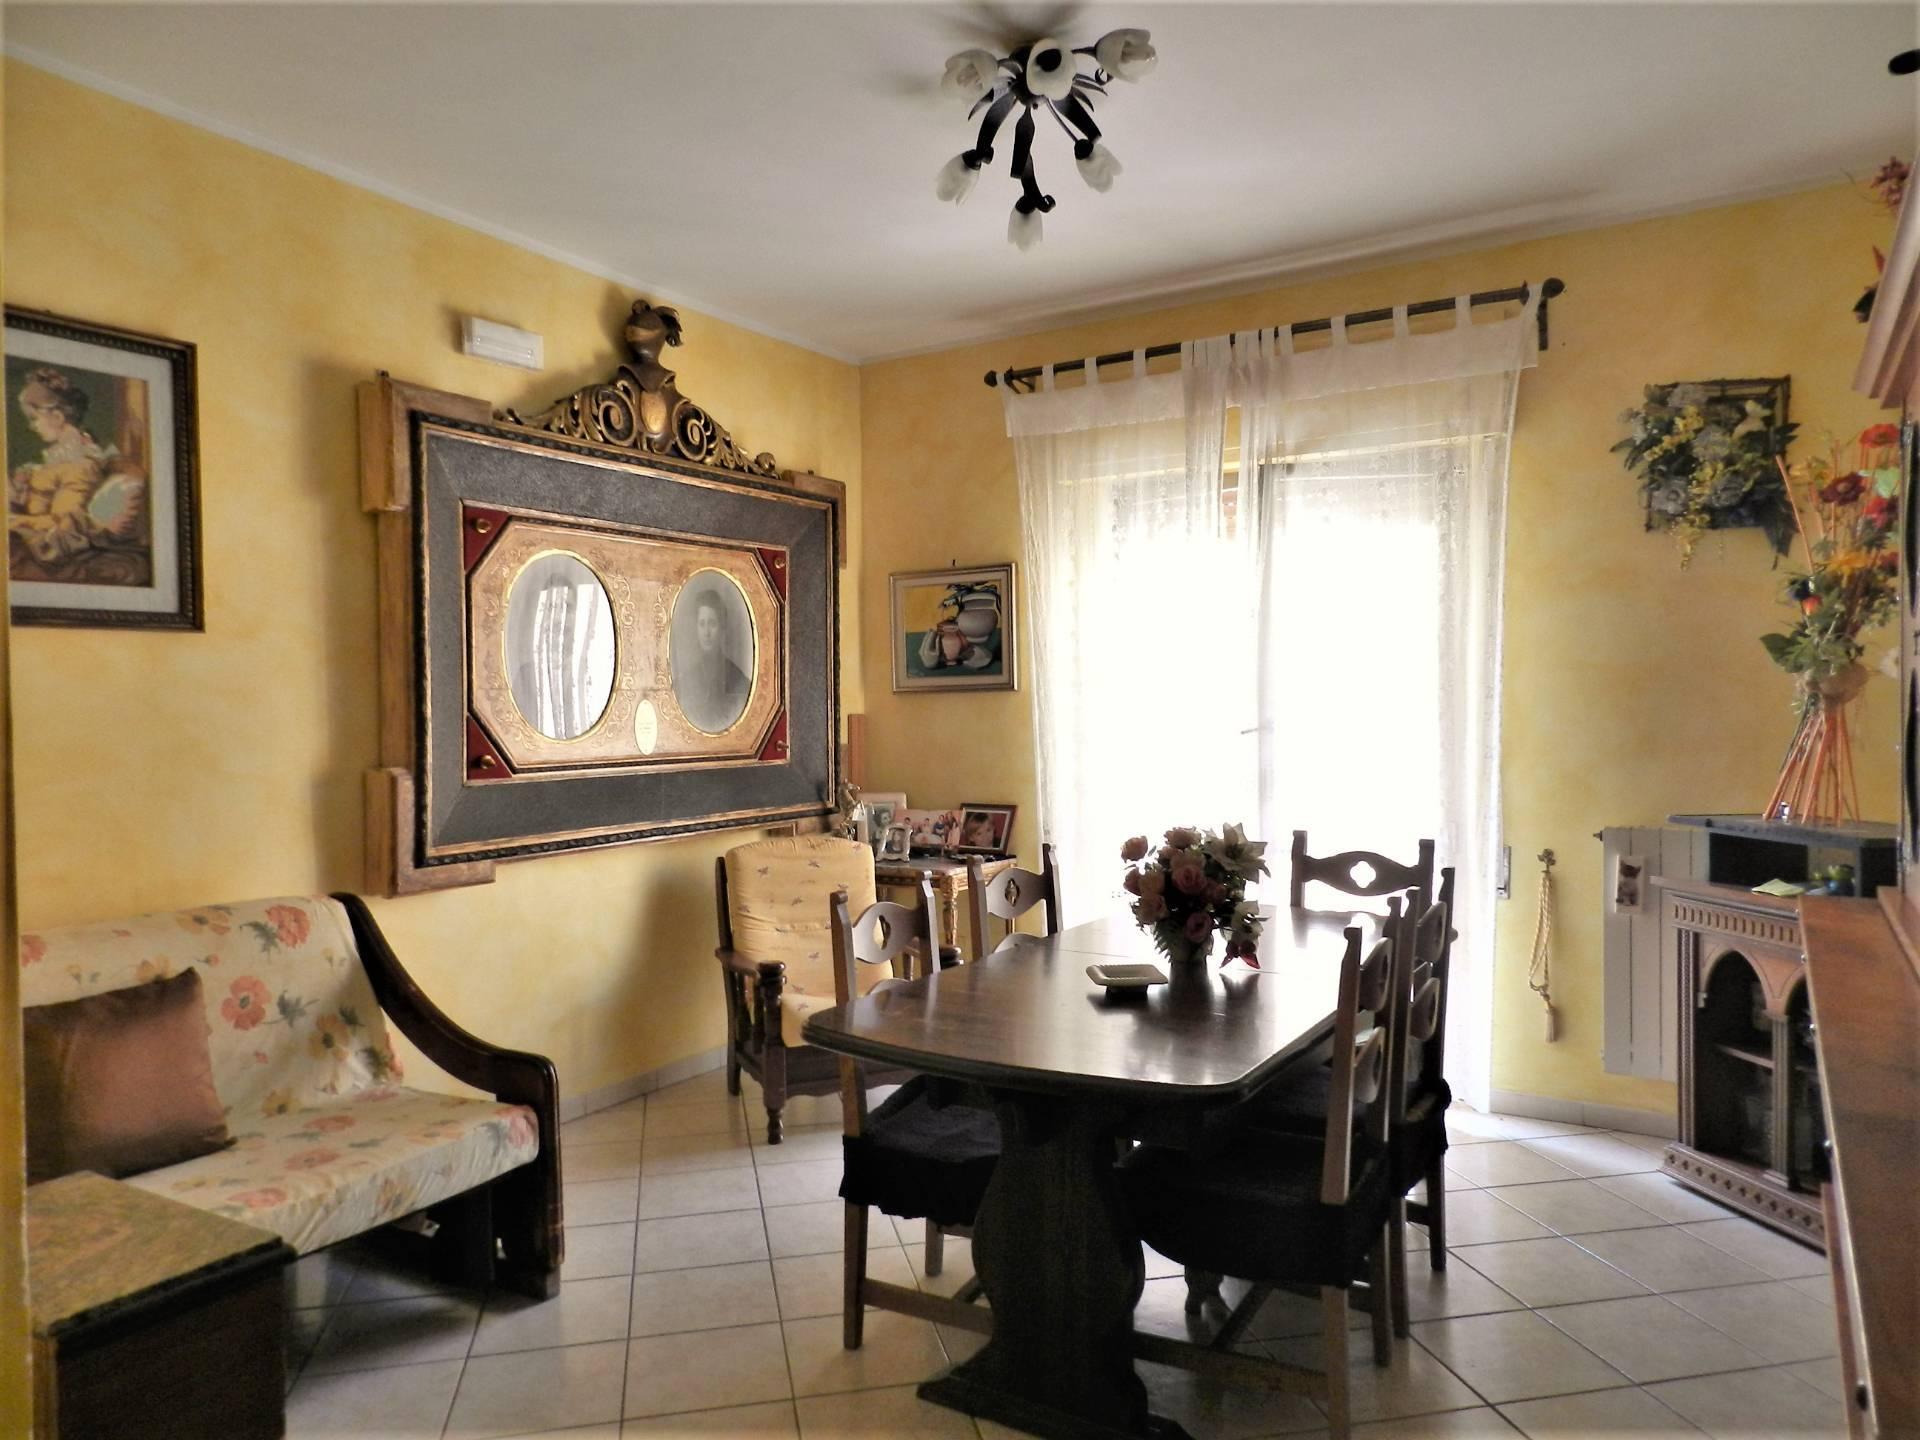 Appartamento in vendita a Tarquinia, 4 locali, zona Località: Ospedale, prezzo € 139.000 | PortaleAgenzieImmobiliari.it